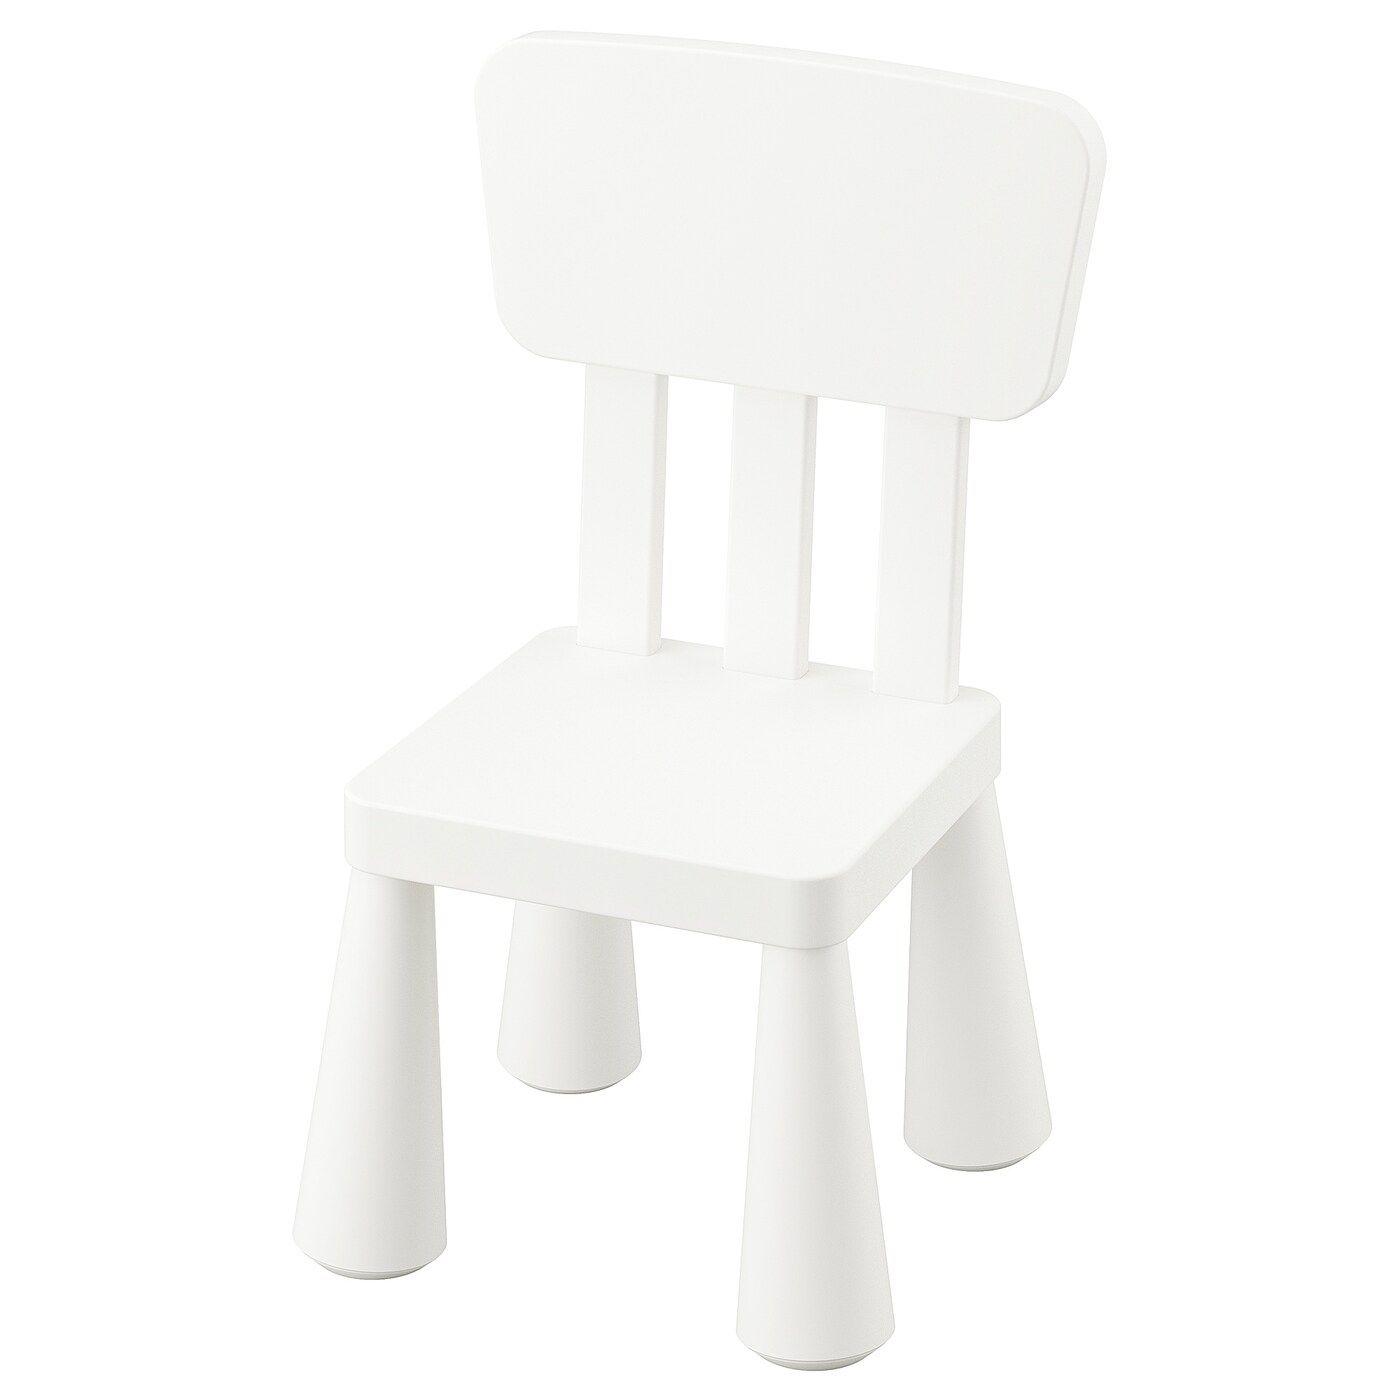 Mammut Gyerekszek Bel Kulter Feher Ikea Ikea Kinderstuhl Kinder Tisch Und Stuhle Ikea Kids